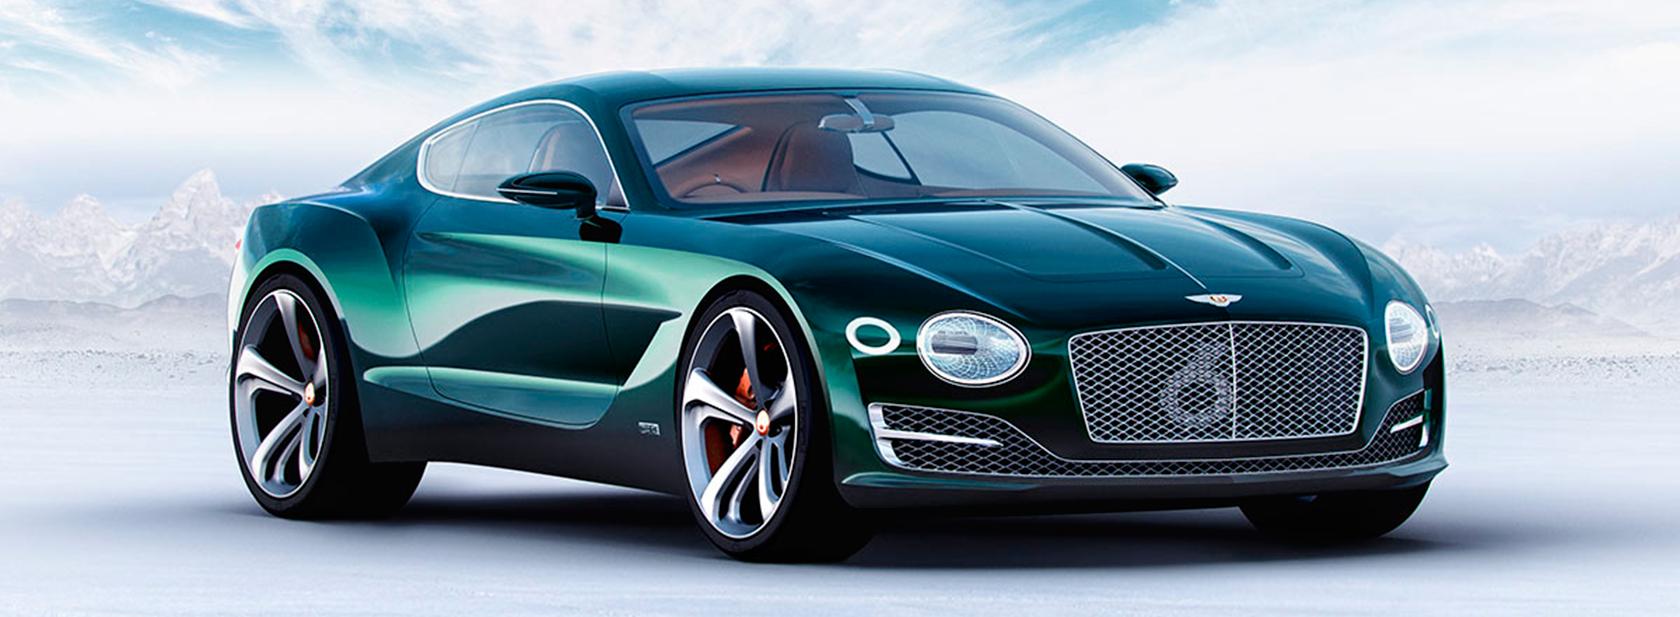 seleccione original zapatillas sitio web profesional Royal Quality Cars | Royal Quality Cars – Compra/Venta ...